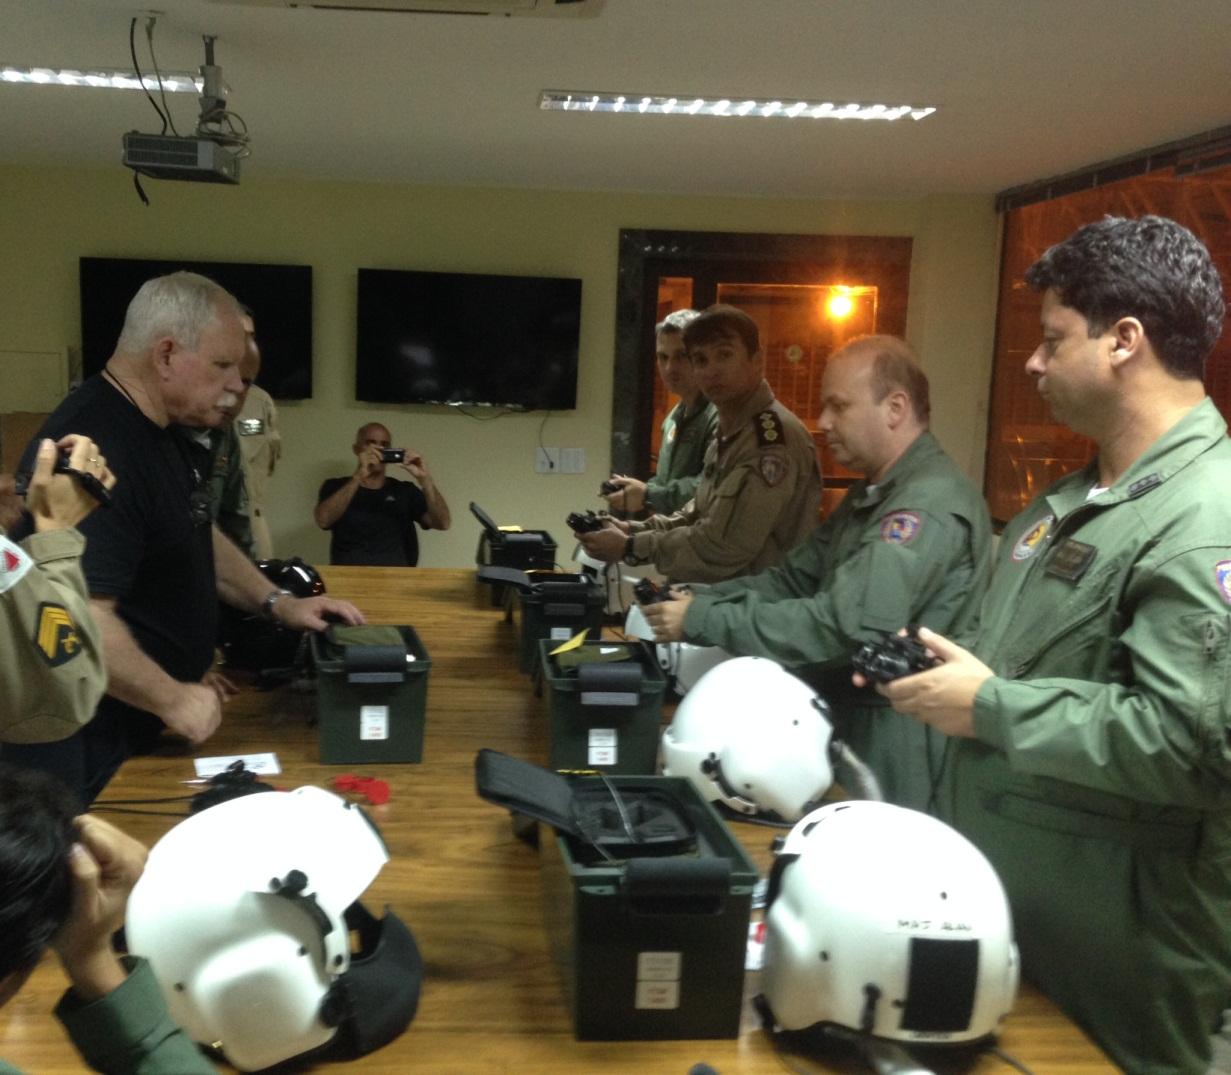 Militares do Btl RpAer  recebendo treinamento para operação dos óculos de visão noturna